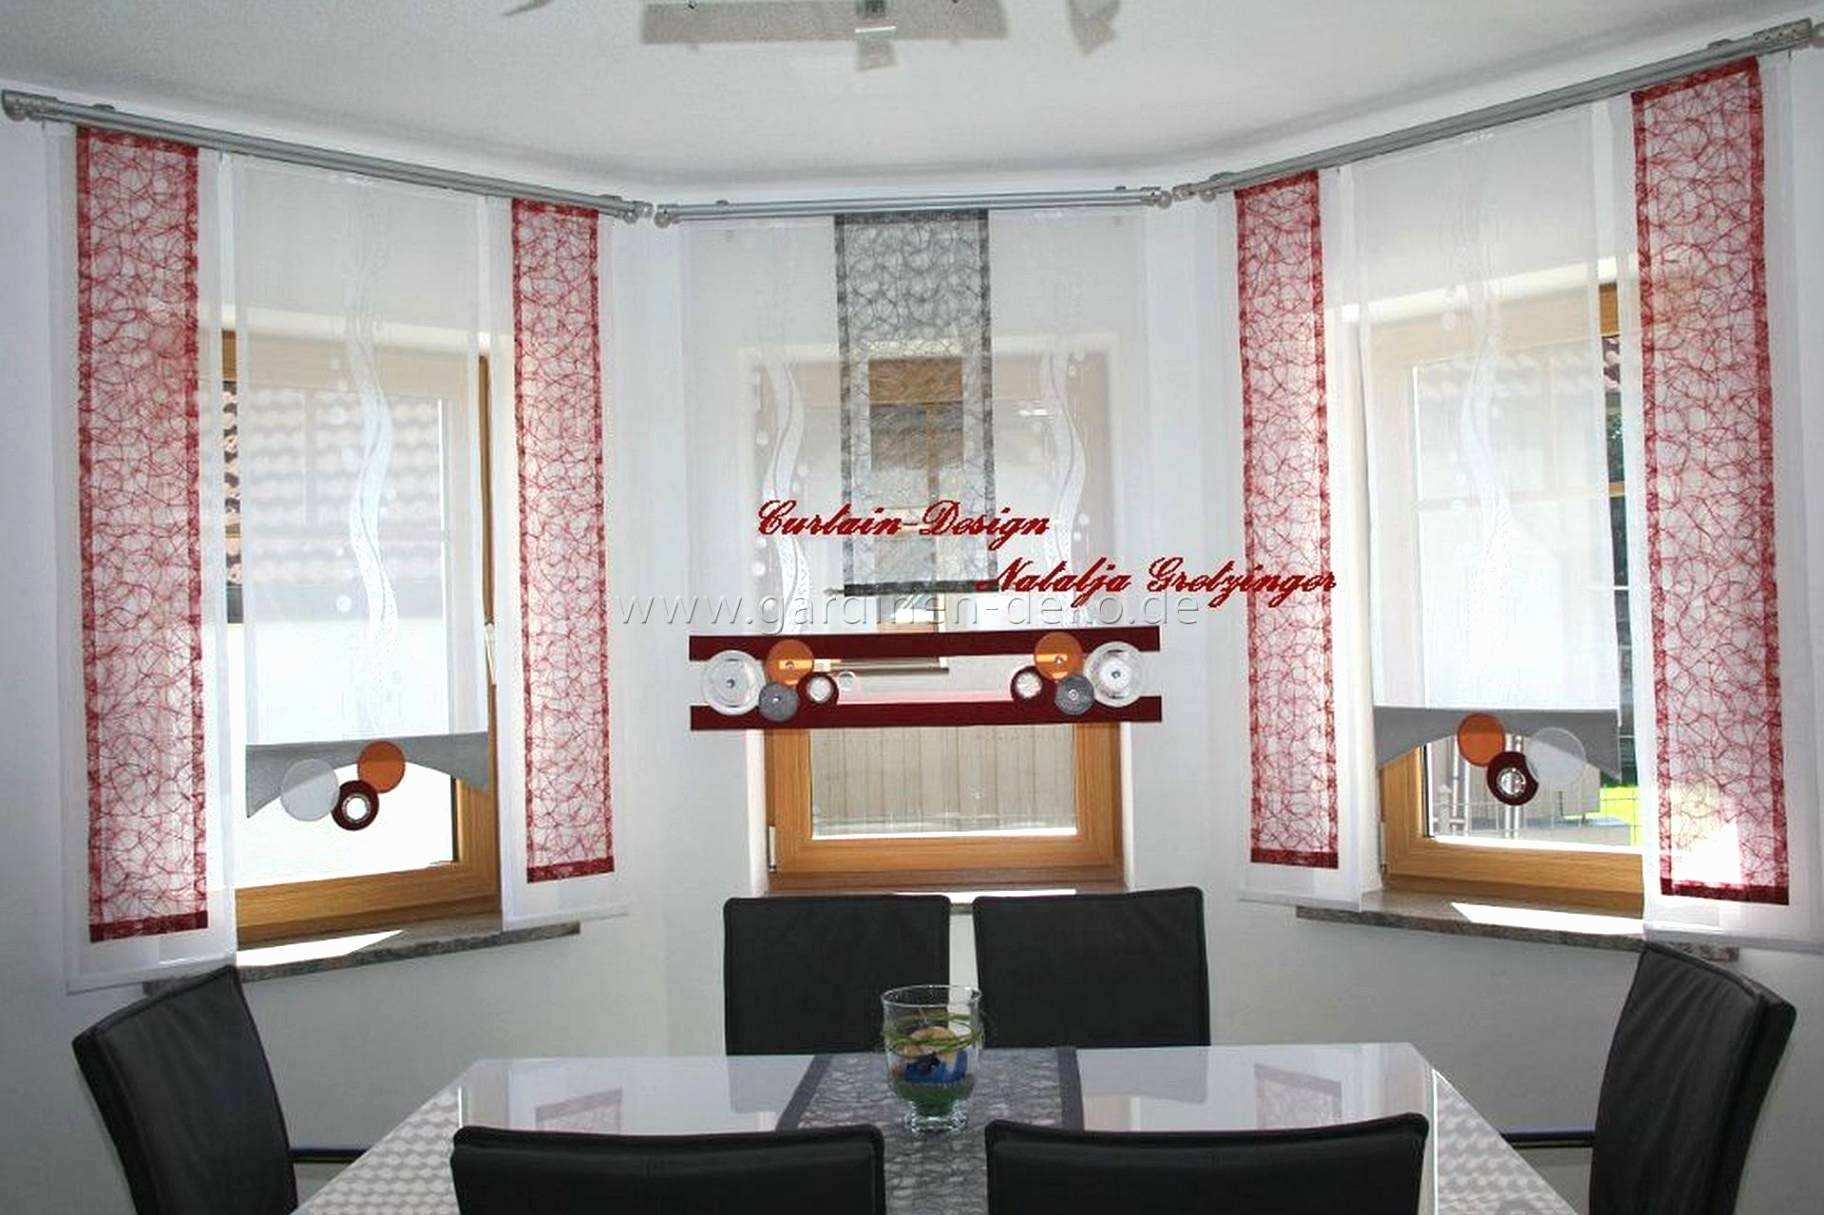 Full Size of Rollo Wohnzimmer Modern Rollo Für Wohnzimmer Fenster Rollo Wohnzimmer Rollos Wohnzimmer Fenster Wohnzimmer Rollo Wohnzimmer